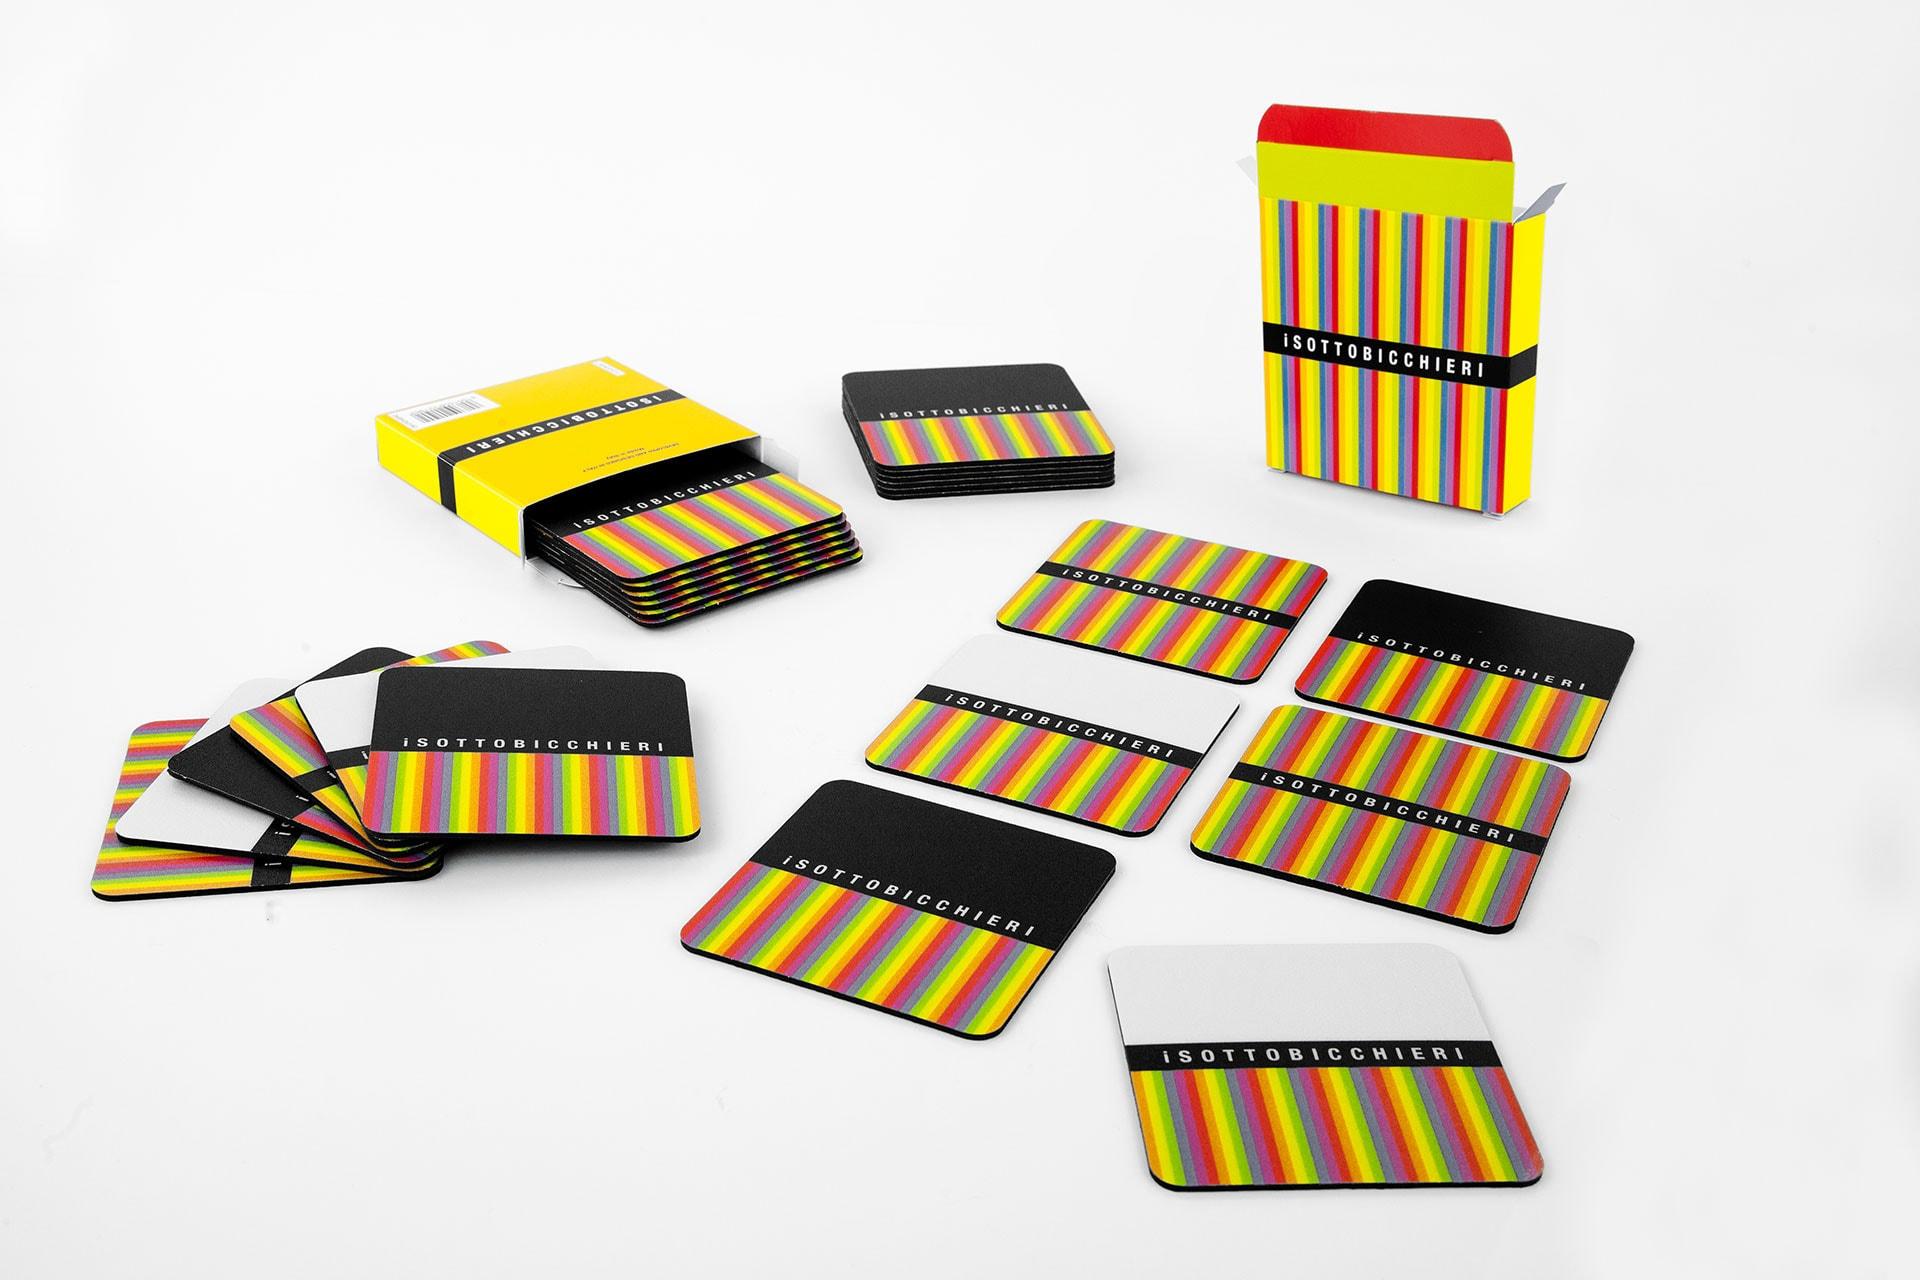 Kit sottobicchieri con confezione stampata